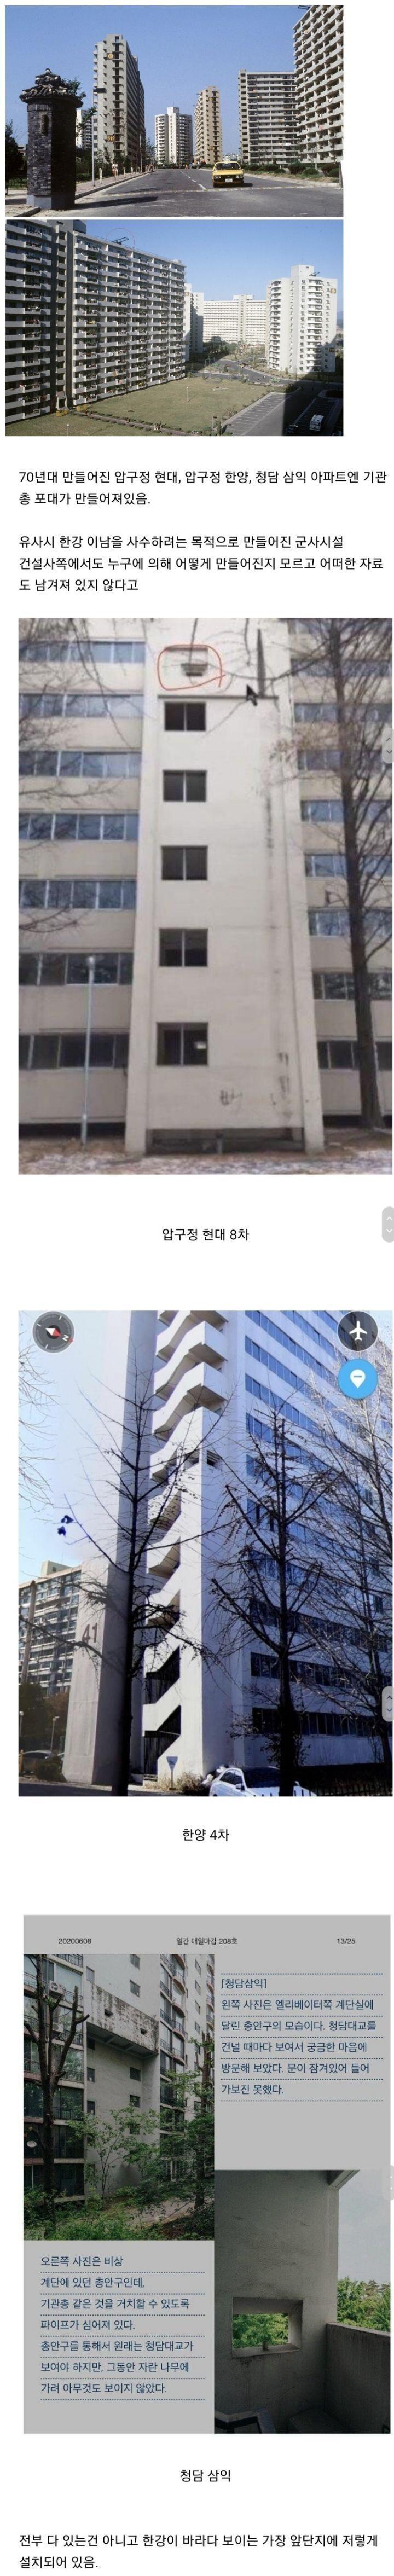 강남 아파트들의 기관총 포대 - 꾸르